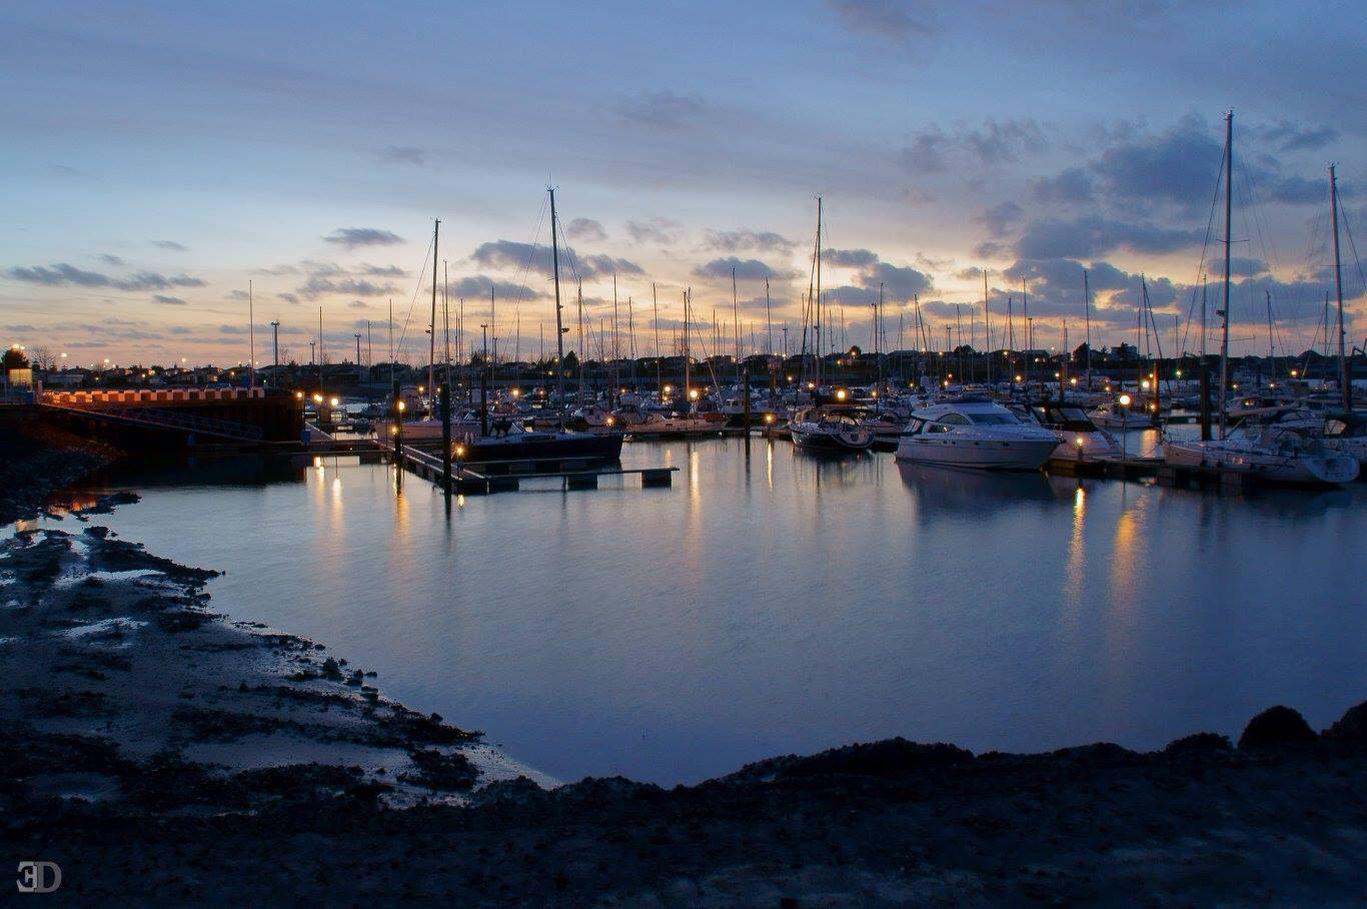 Wunderschöne Nordsee am Abend